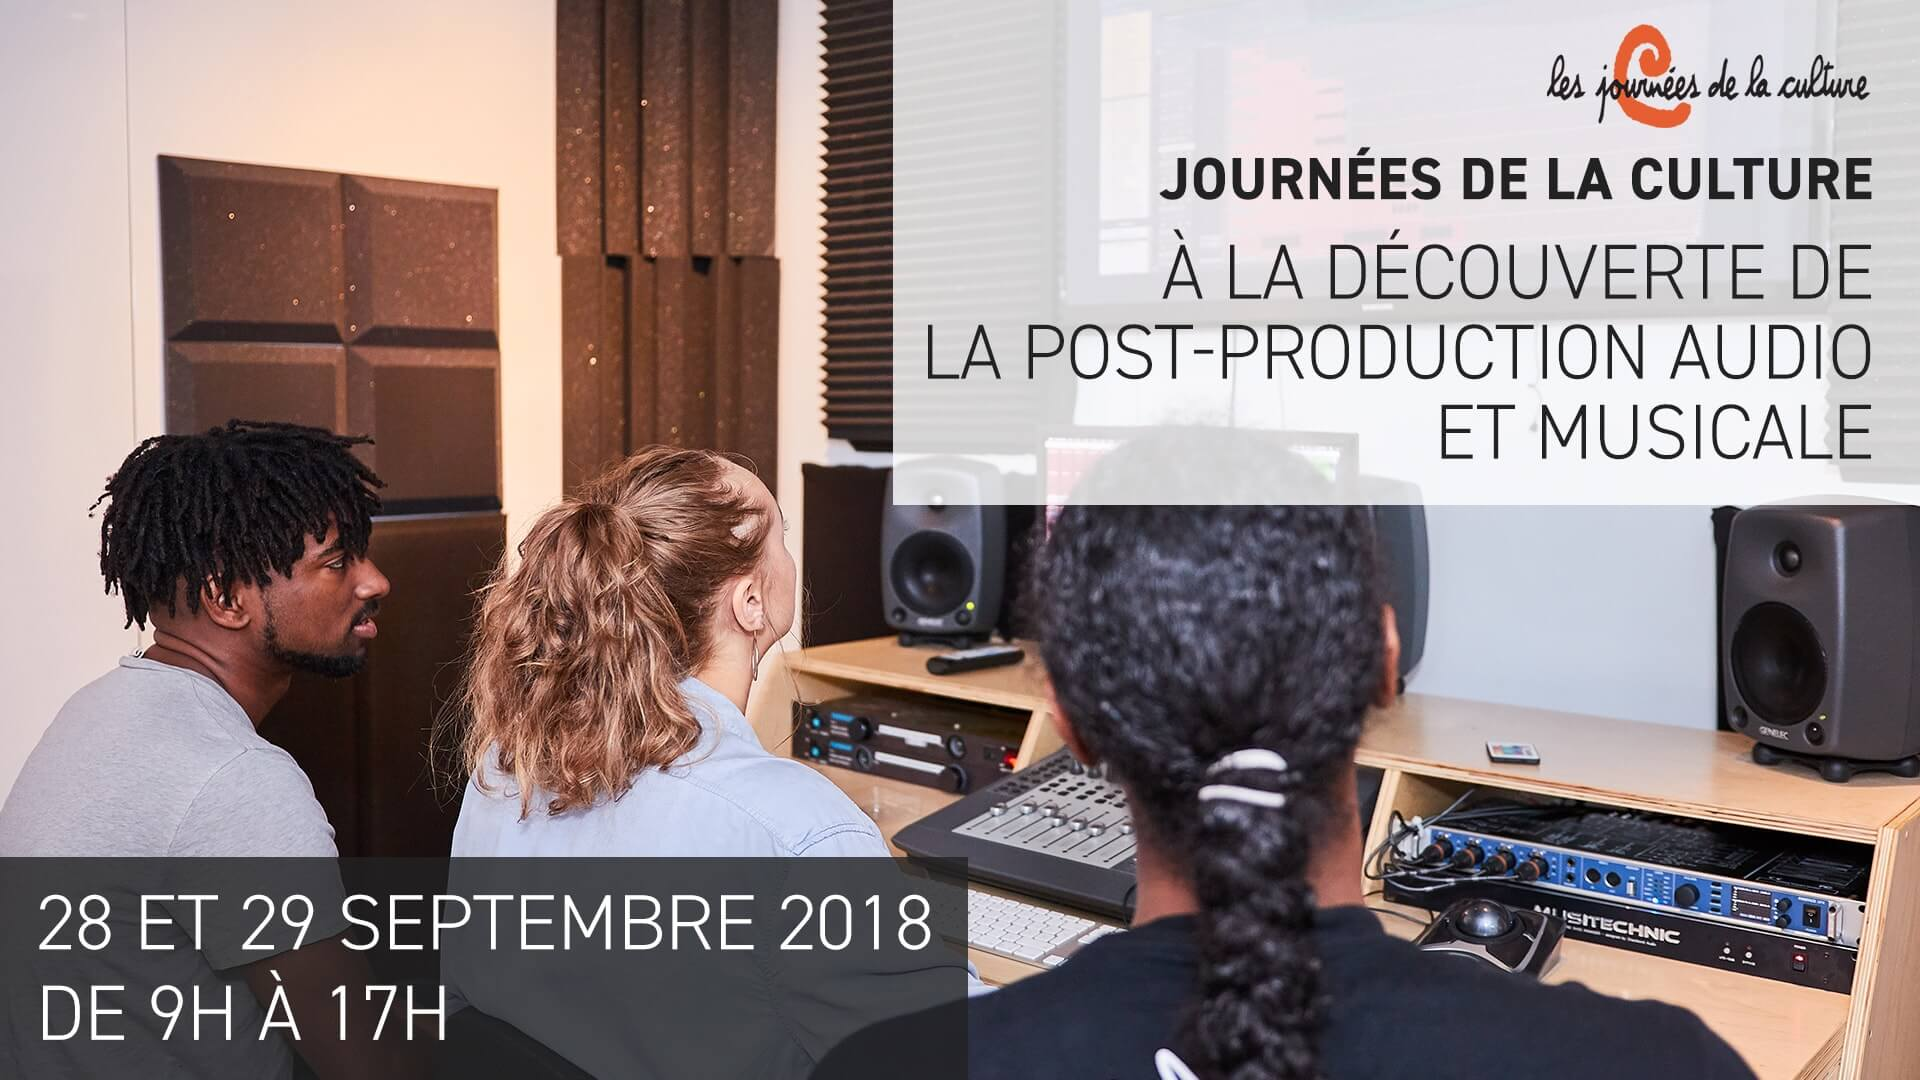 Découverte de la Post-Production Audio et Musicale – 22ème Édition des Journées de la Culture